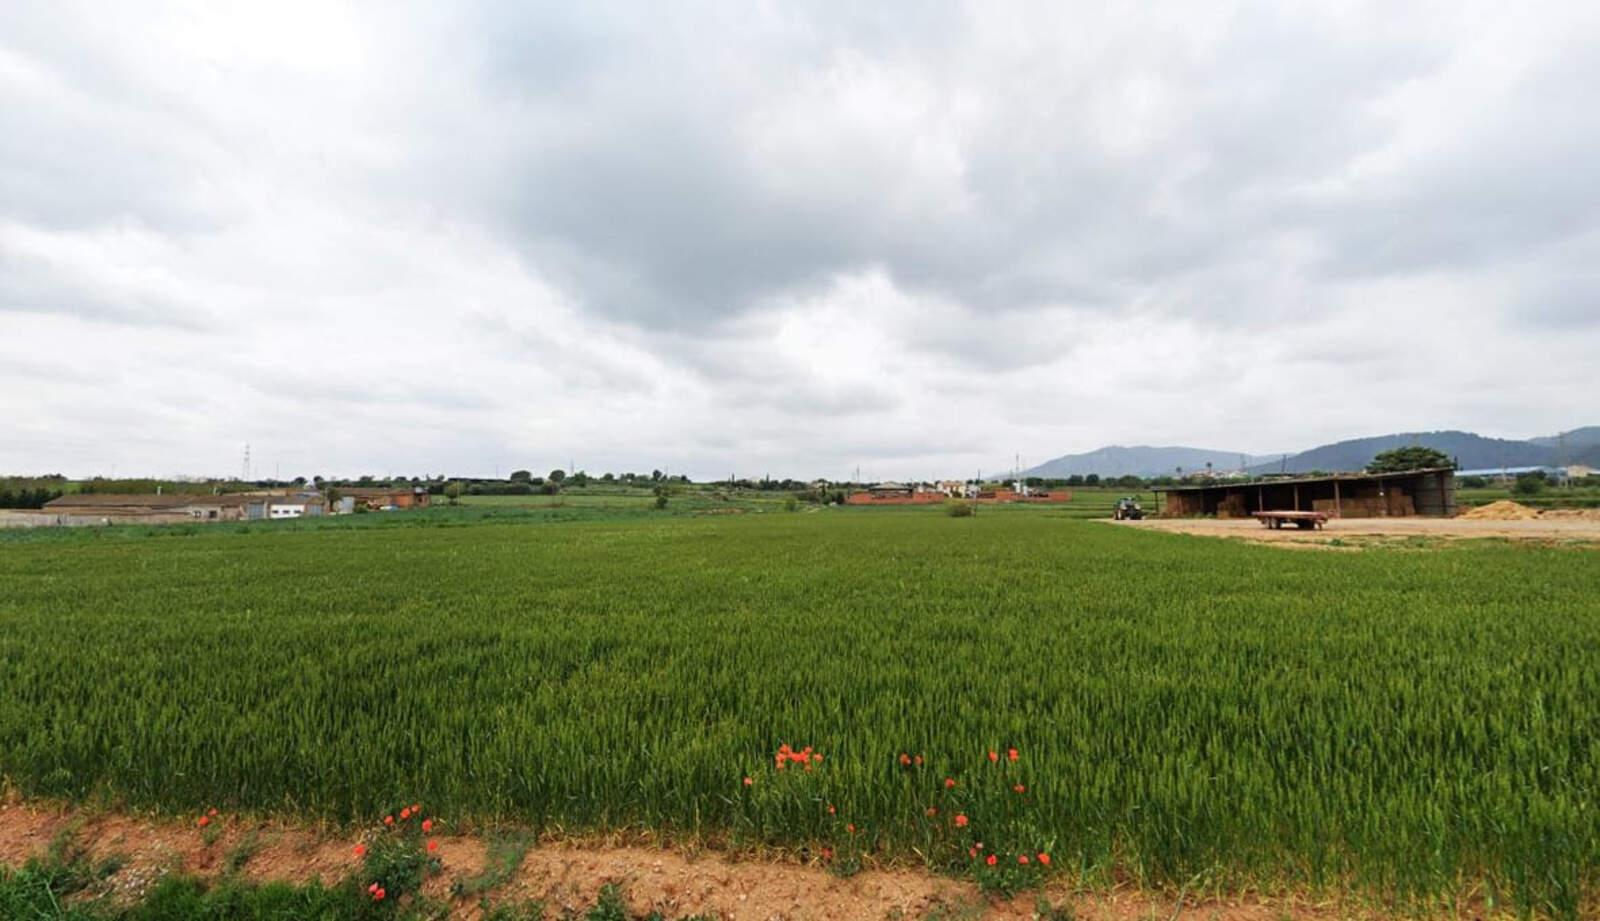 Camps de conreu de cereals a Caldes de Montbui